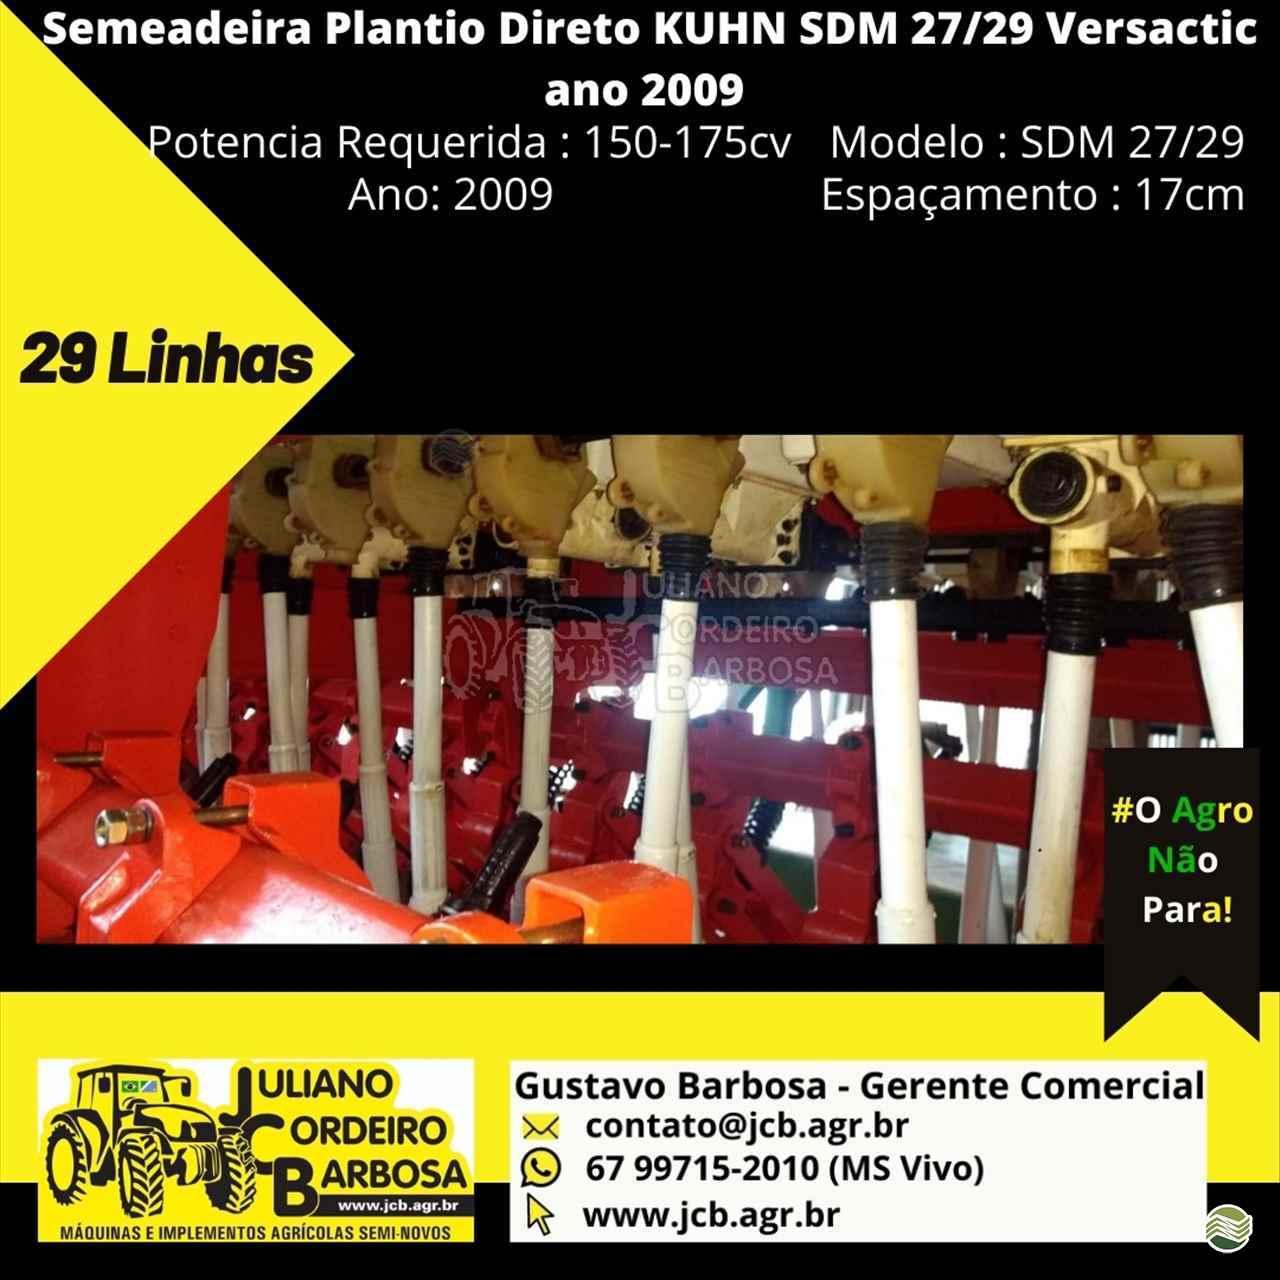 KUHN SDM 2227/29  2009/2009 JCB Máquinas e Implementos Agrícolas